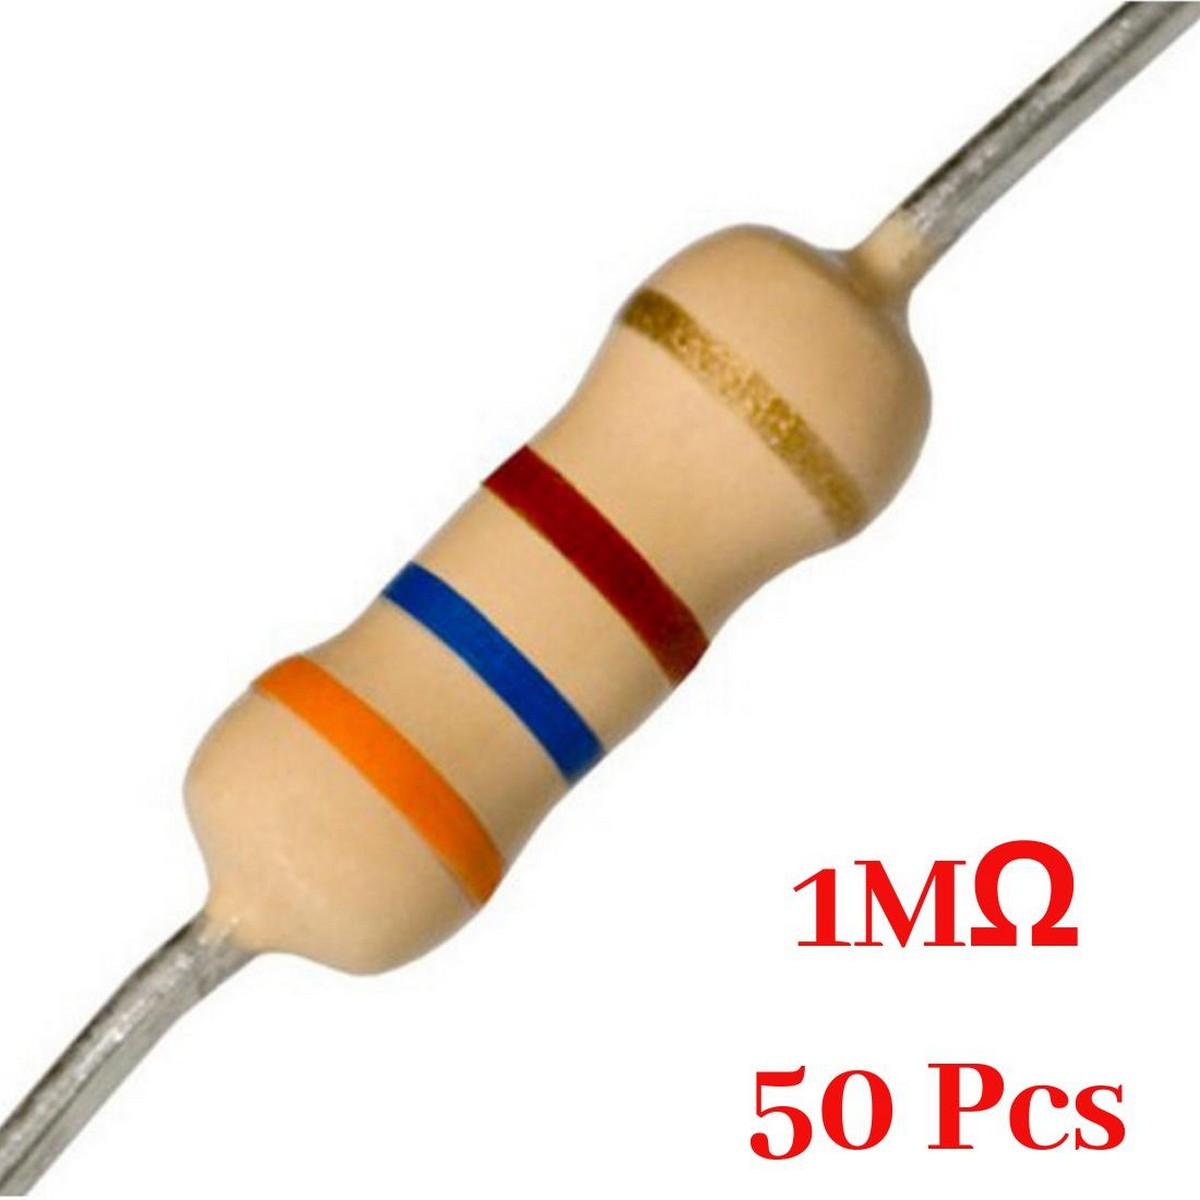 50 Pcs- 1M Ohm resistor 1 mega ohm